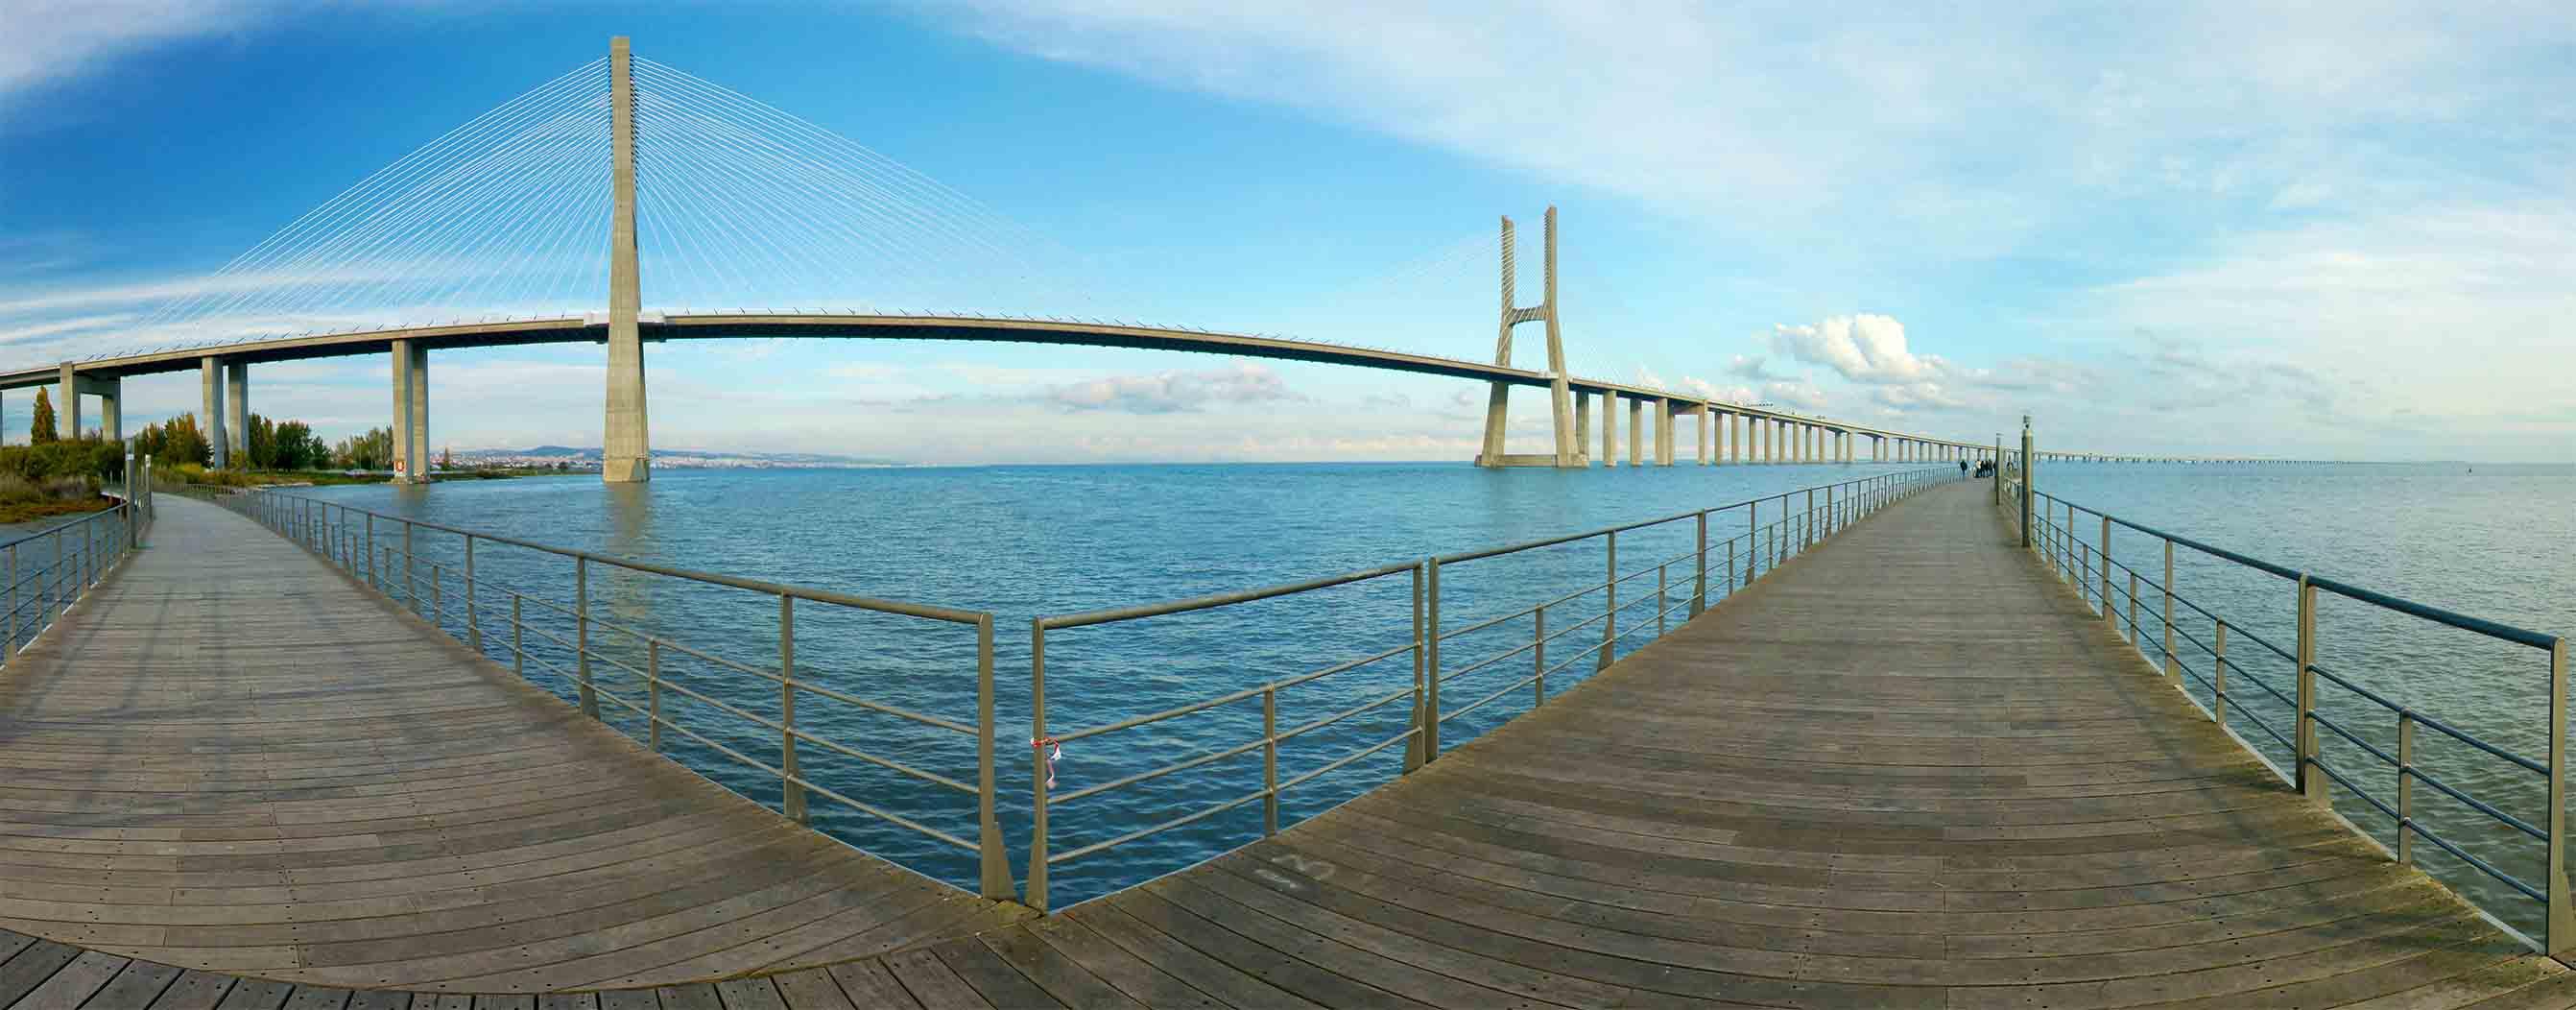 Parque das Nações Ponte ¦ Vasco da Gama's Bridge